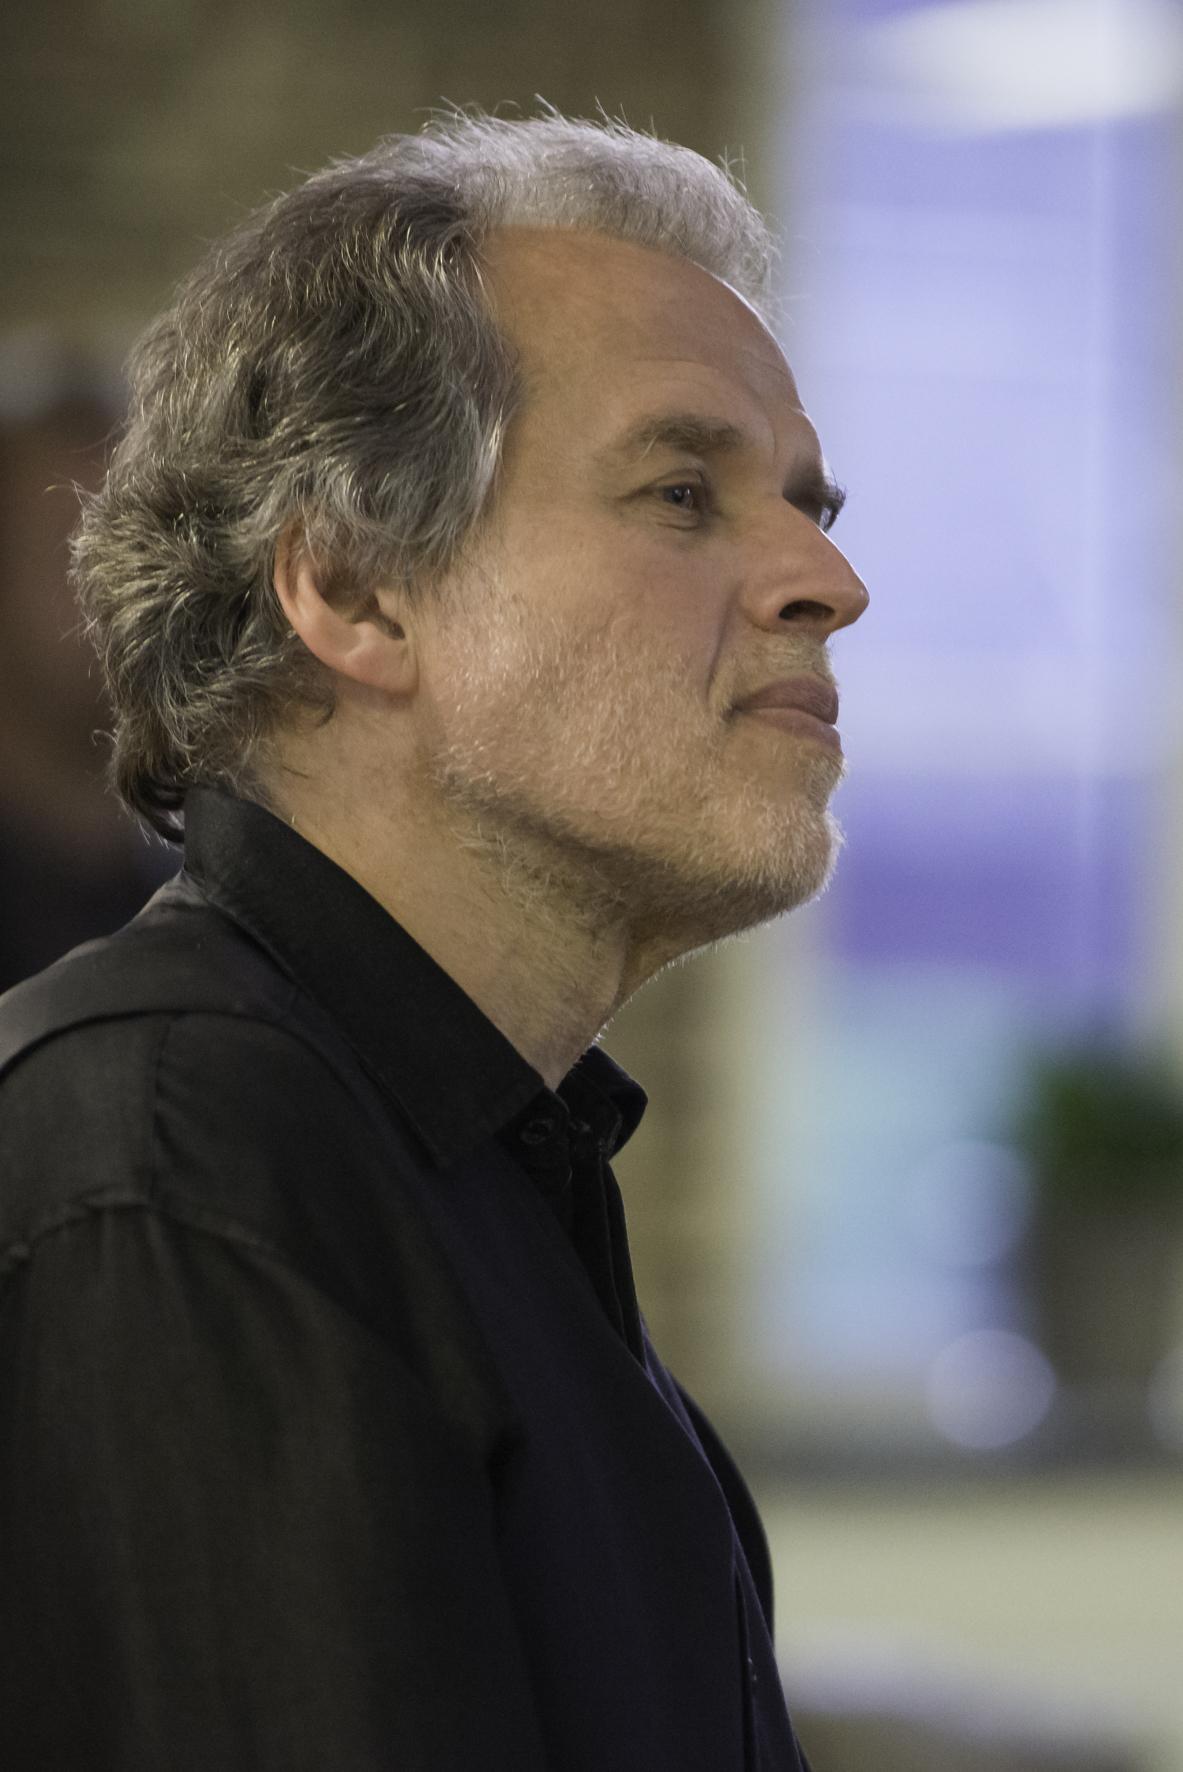 Fotograaf Jan Pohribny